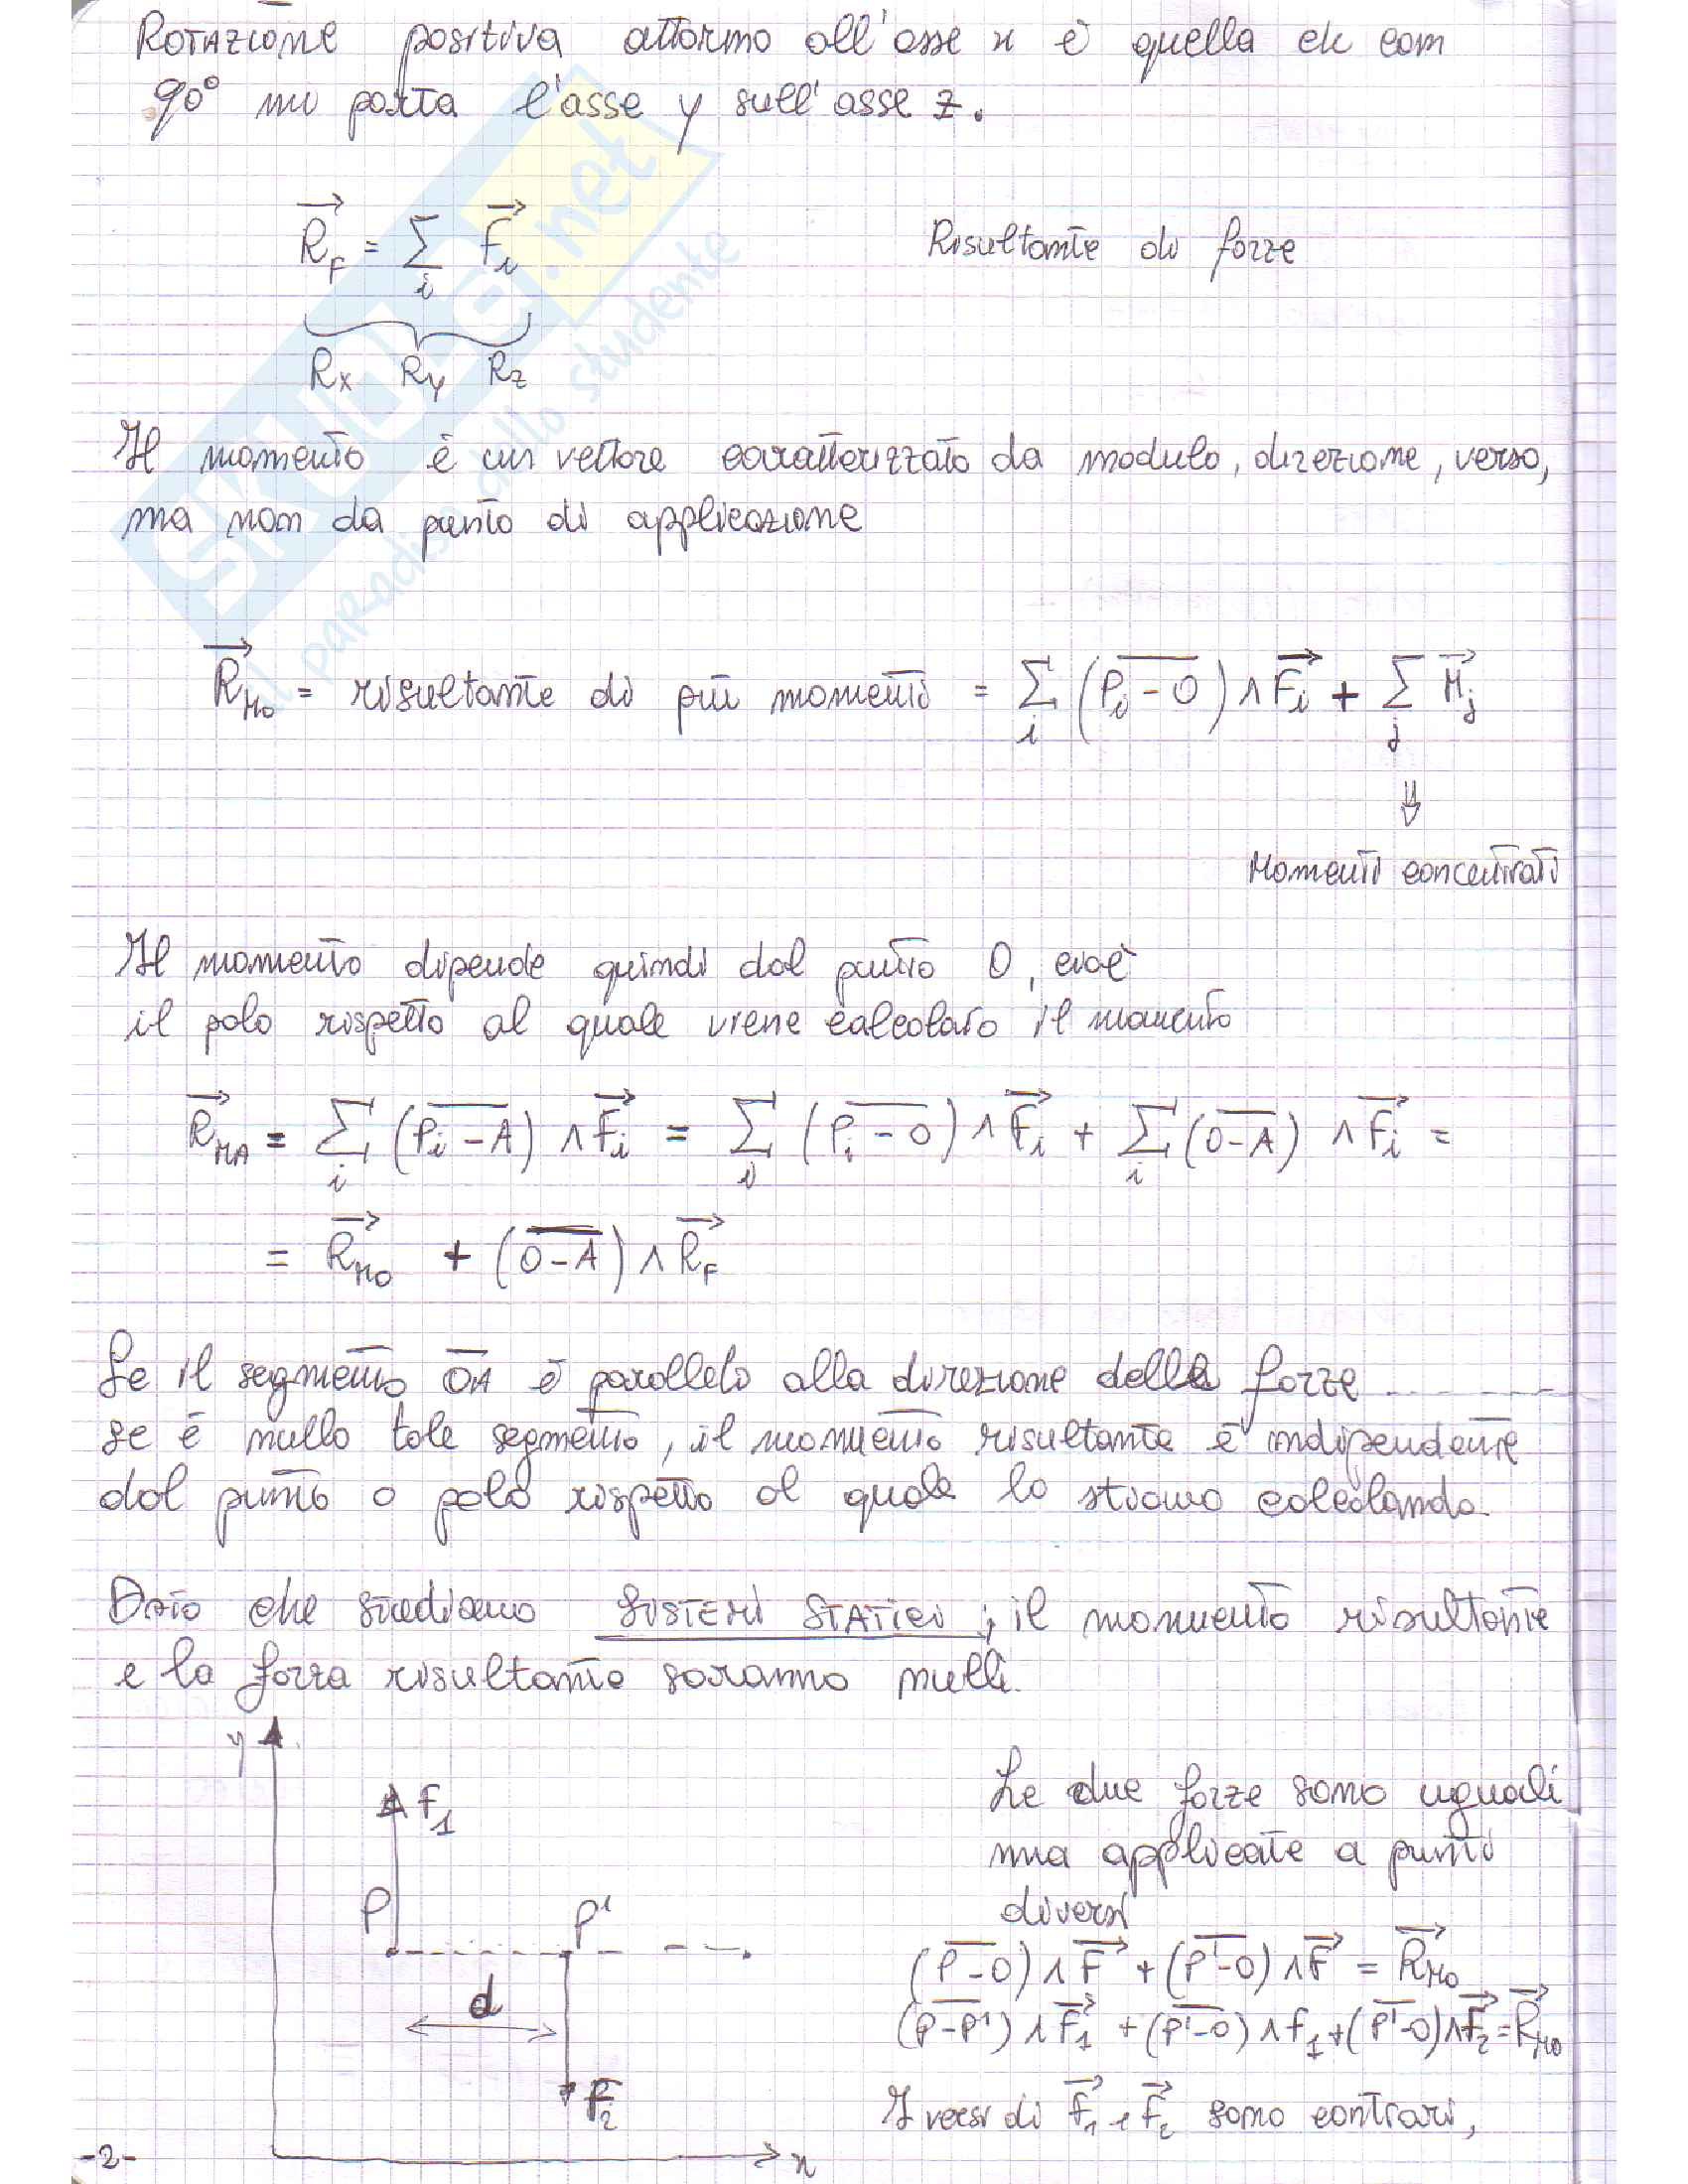 appunto G. Chiandussi Fondamenti di meccanica strutturale